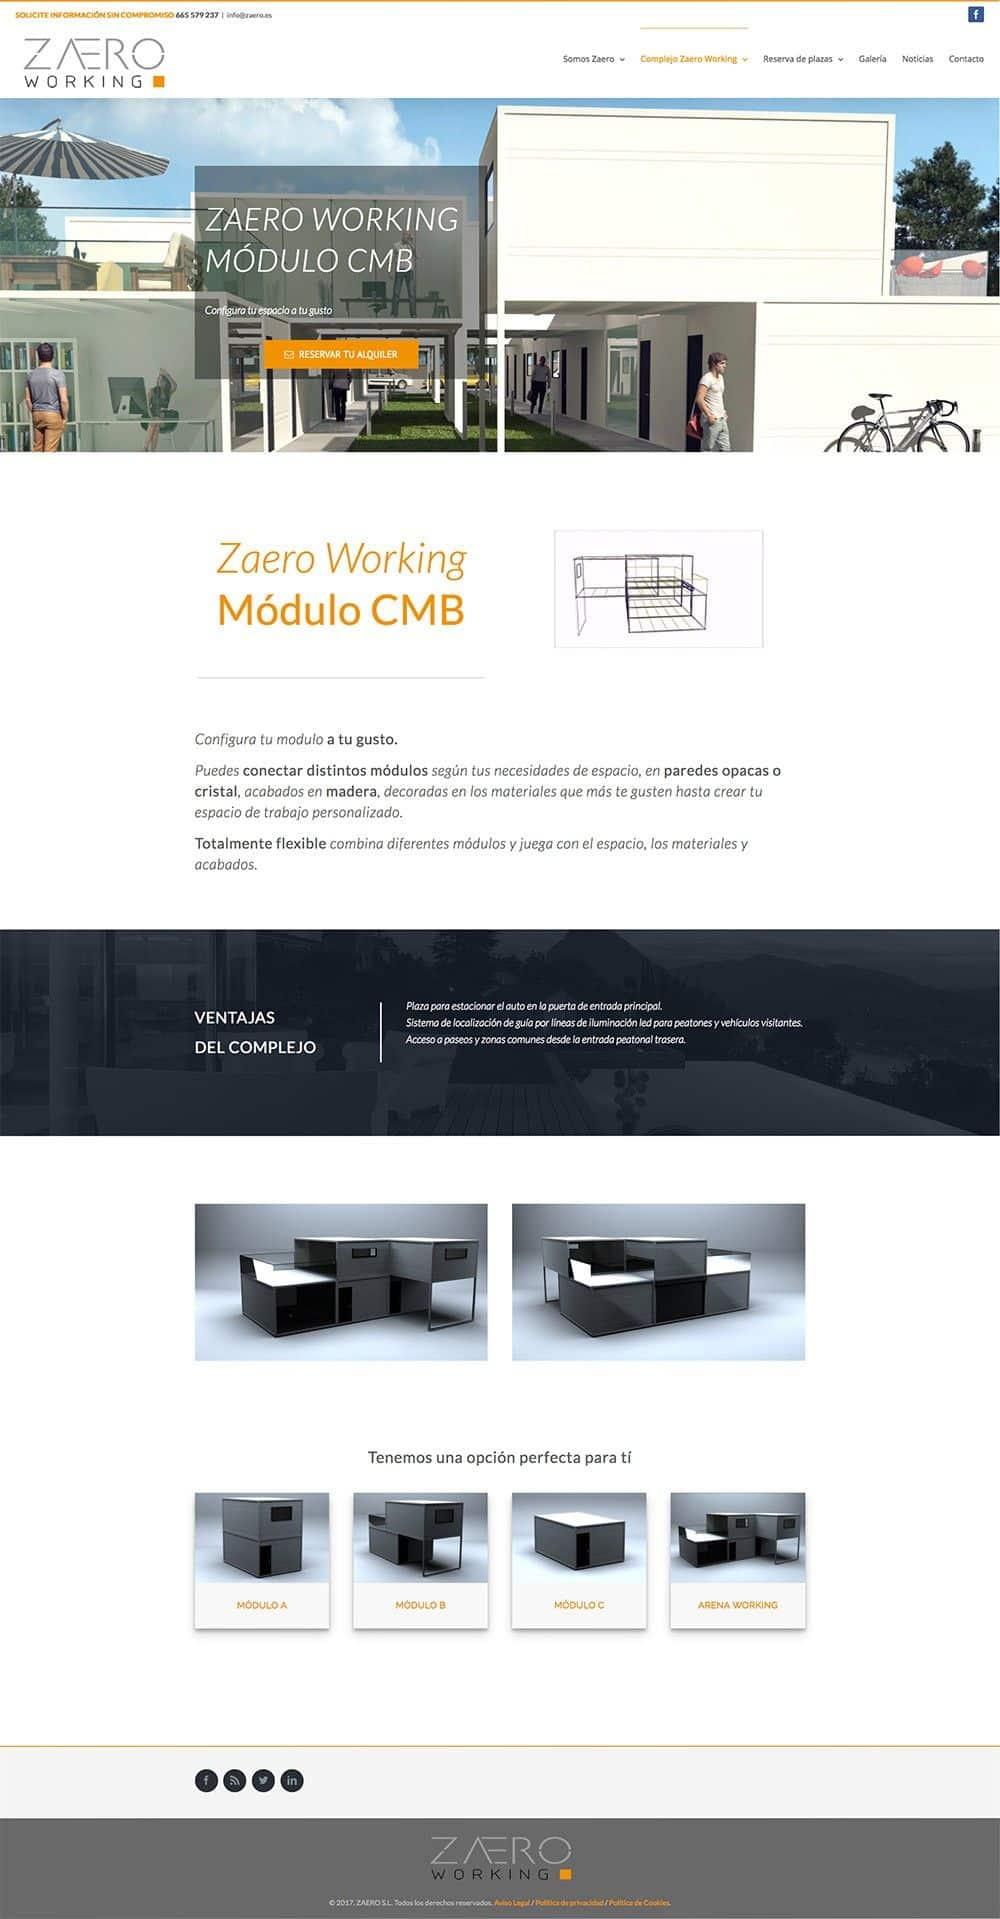 Zaero Working – Módulo CmB – Zaero – Working